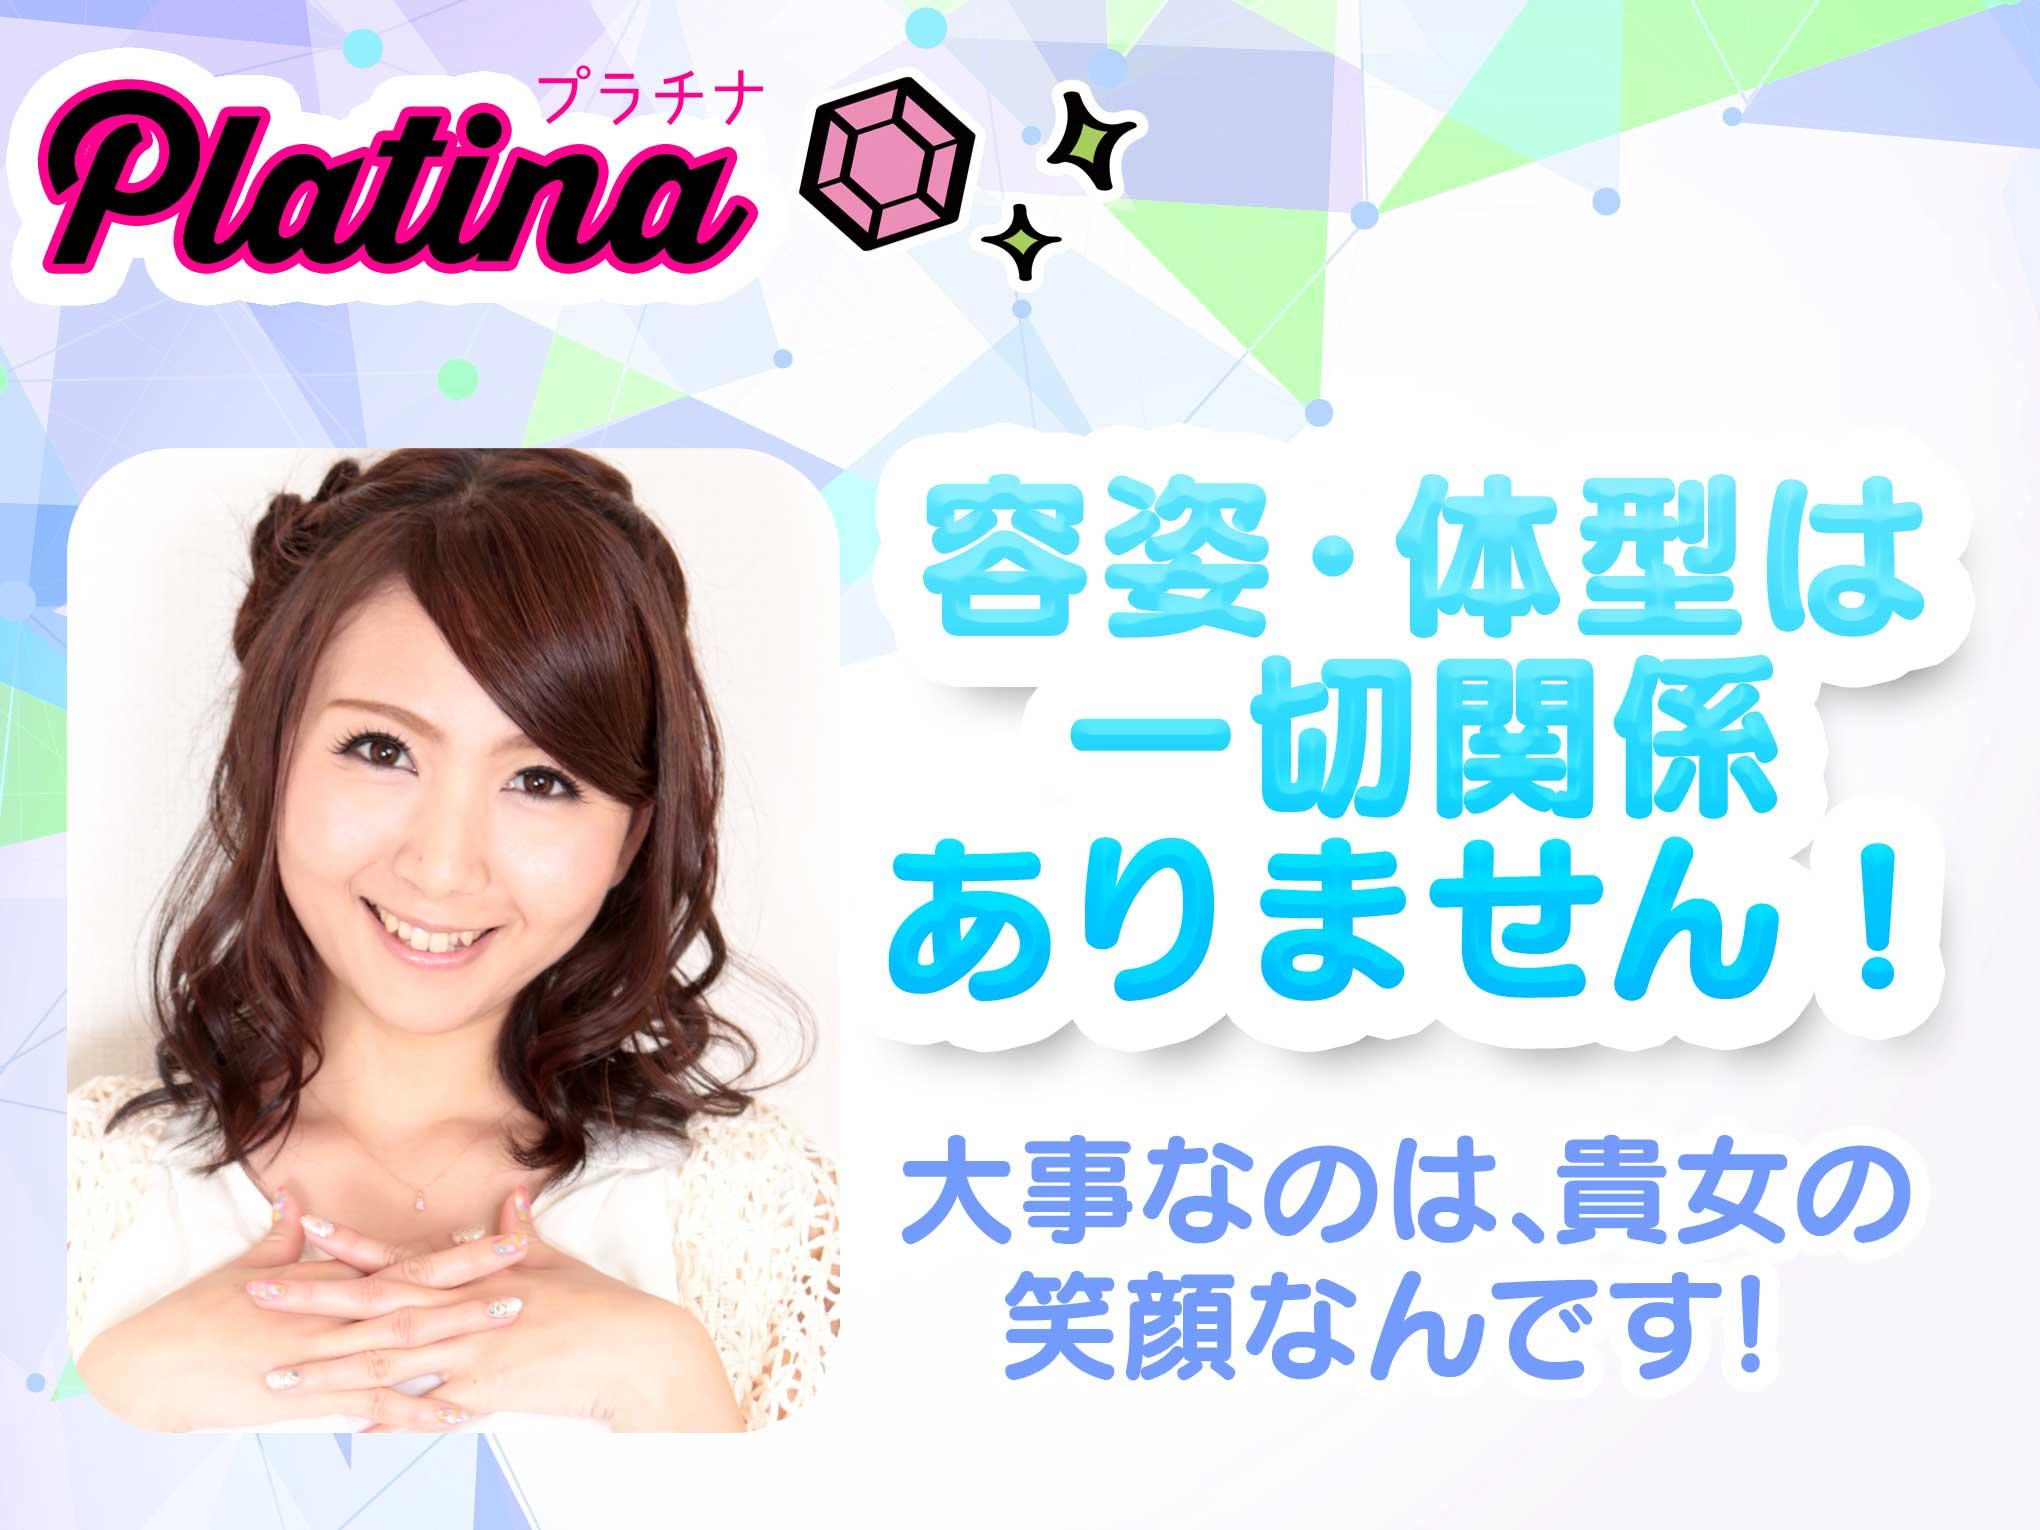 platina girls プラチナ☆ガール企画として、zin katoデザイン監修で「お出かけ兼用パーティーファッション」をデザインしました.